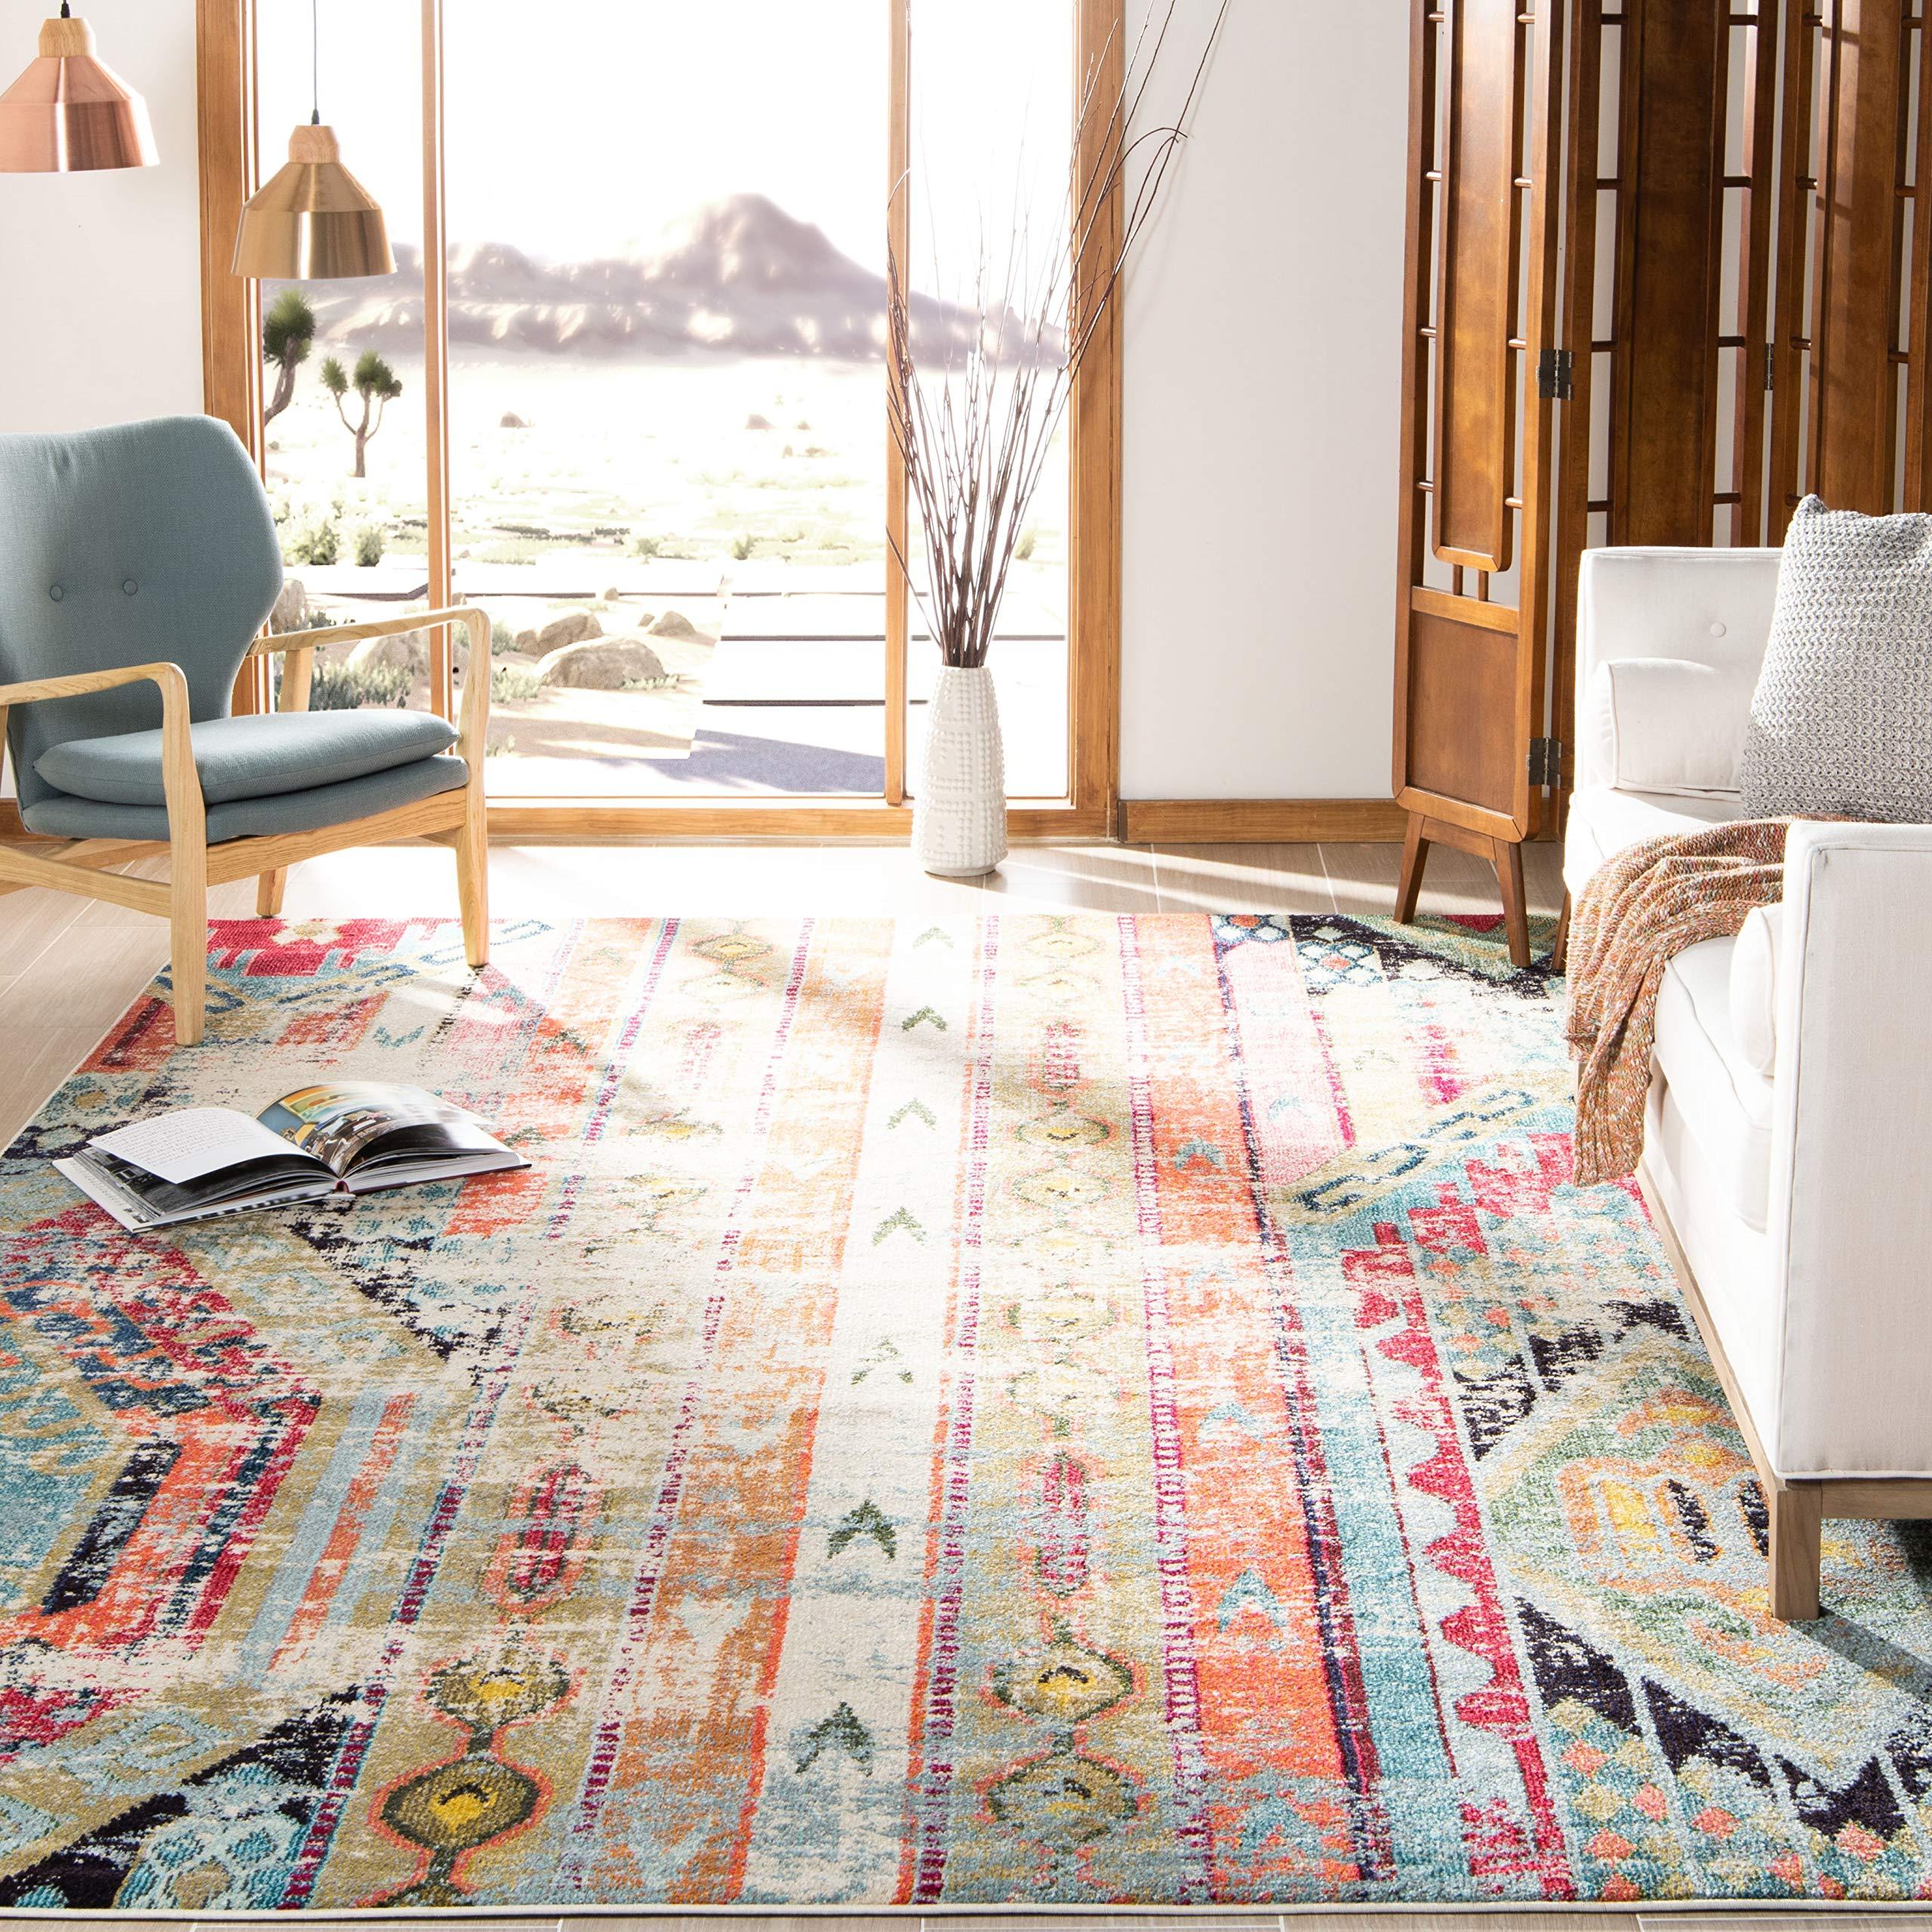 Safavieh MNC222F-4 Monaco area-rugs, 4' x 5'7'', Multi by Safavieh